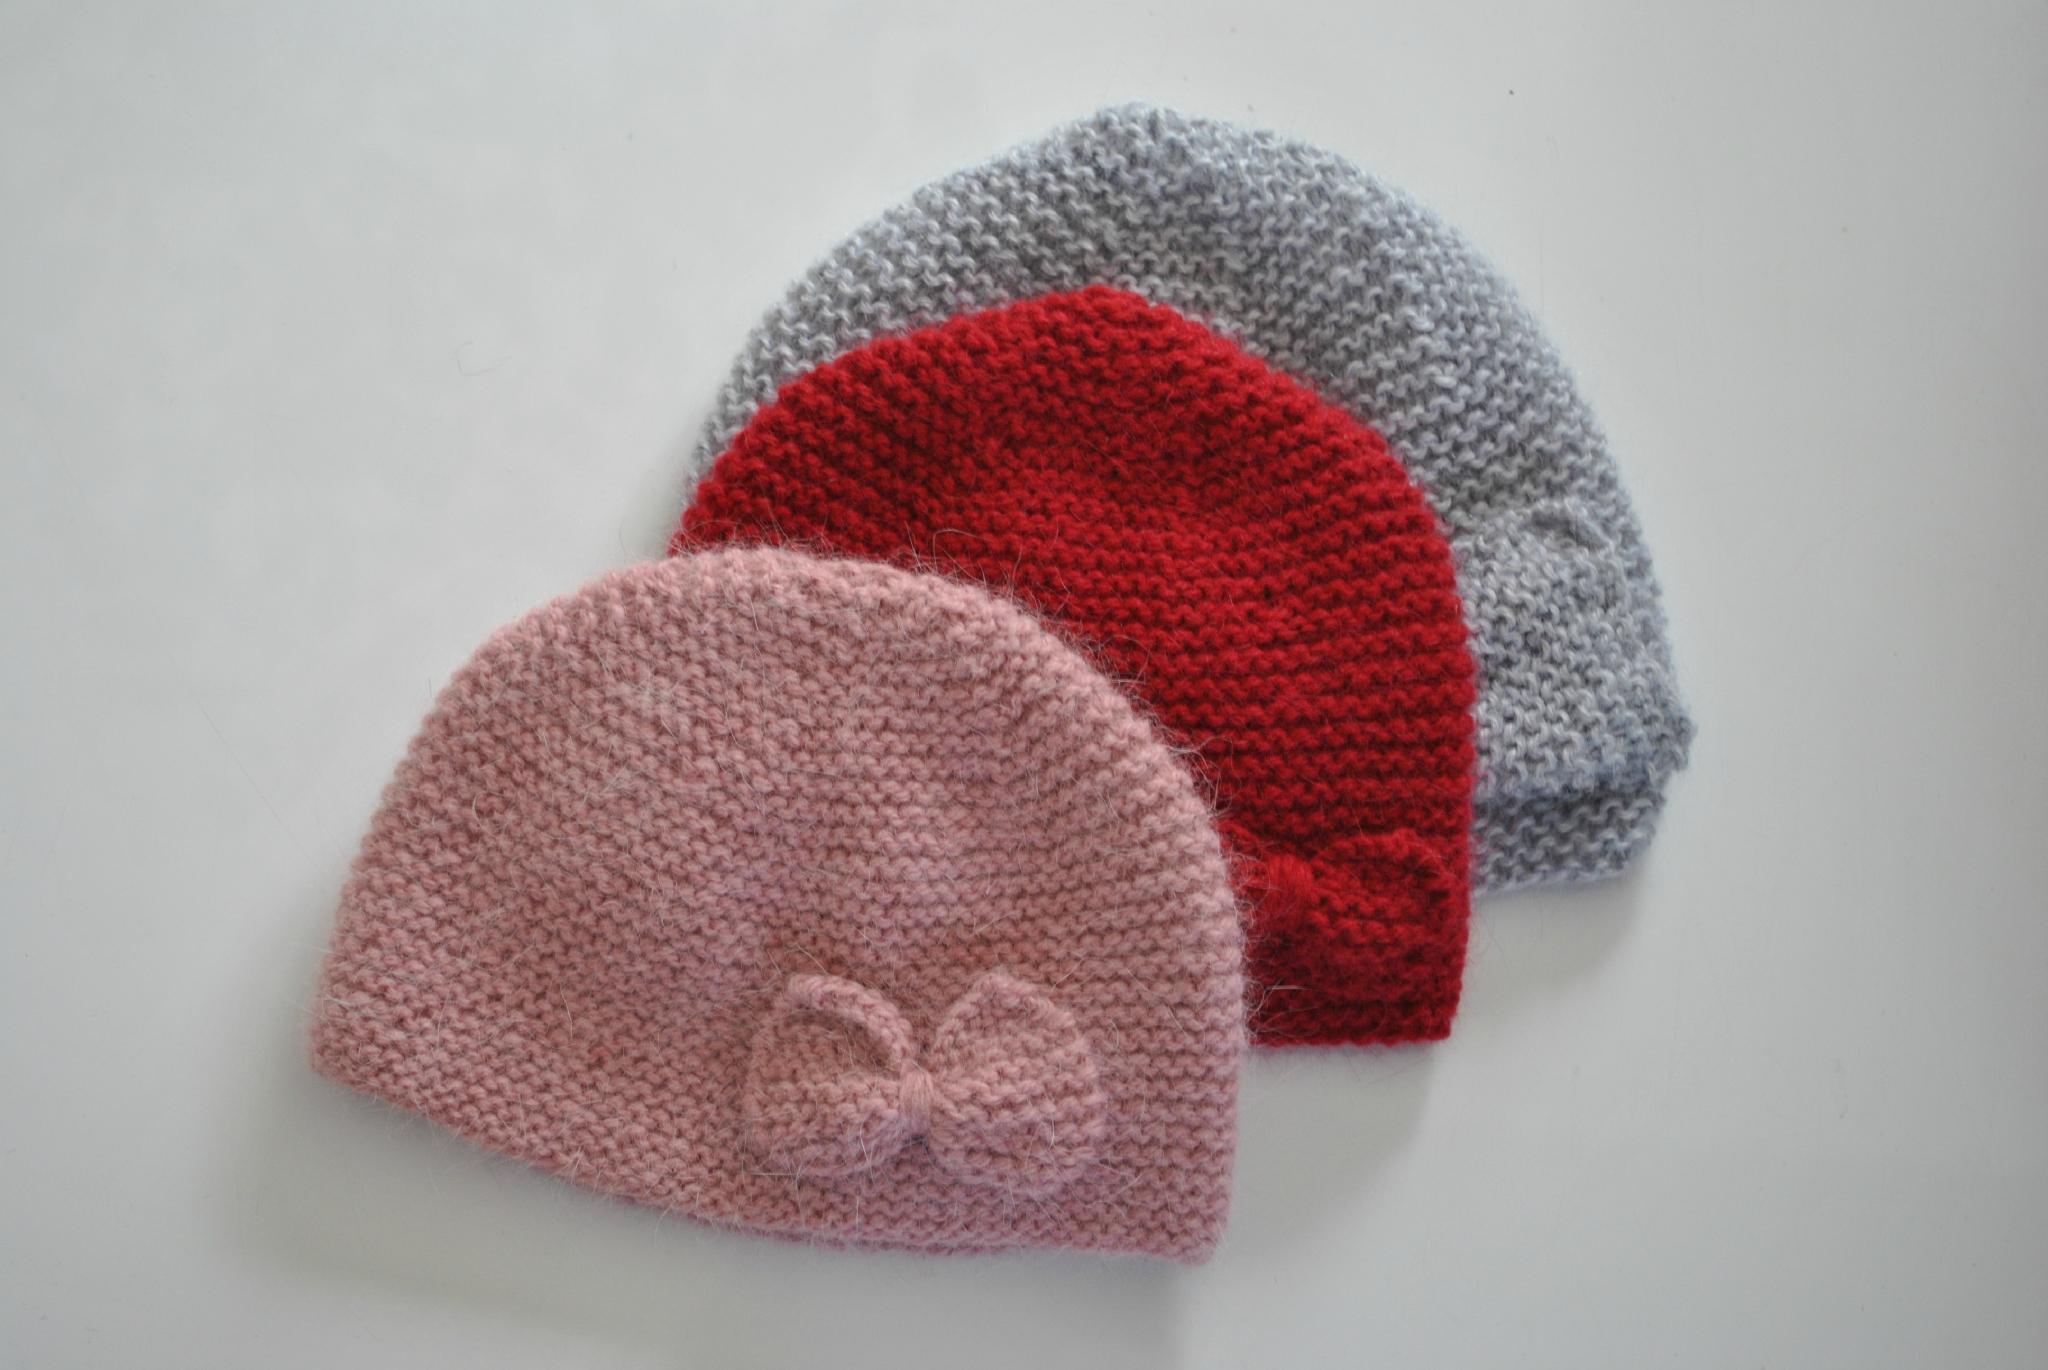 Je veux trouver un joli tricot pour mon bébé ou à offrir pas cher ICI Tricot  bonnet bébé facile naissance 73c8d2ff57f